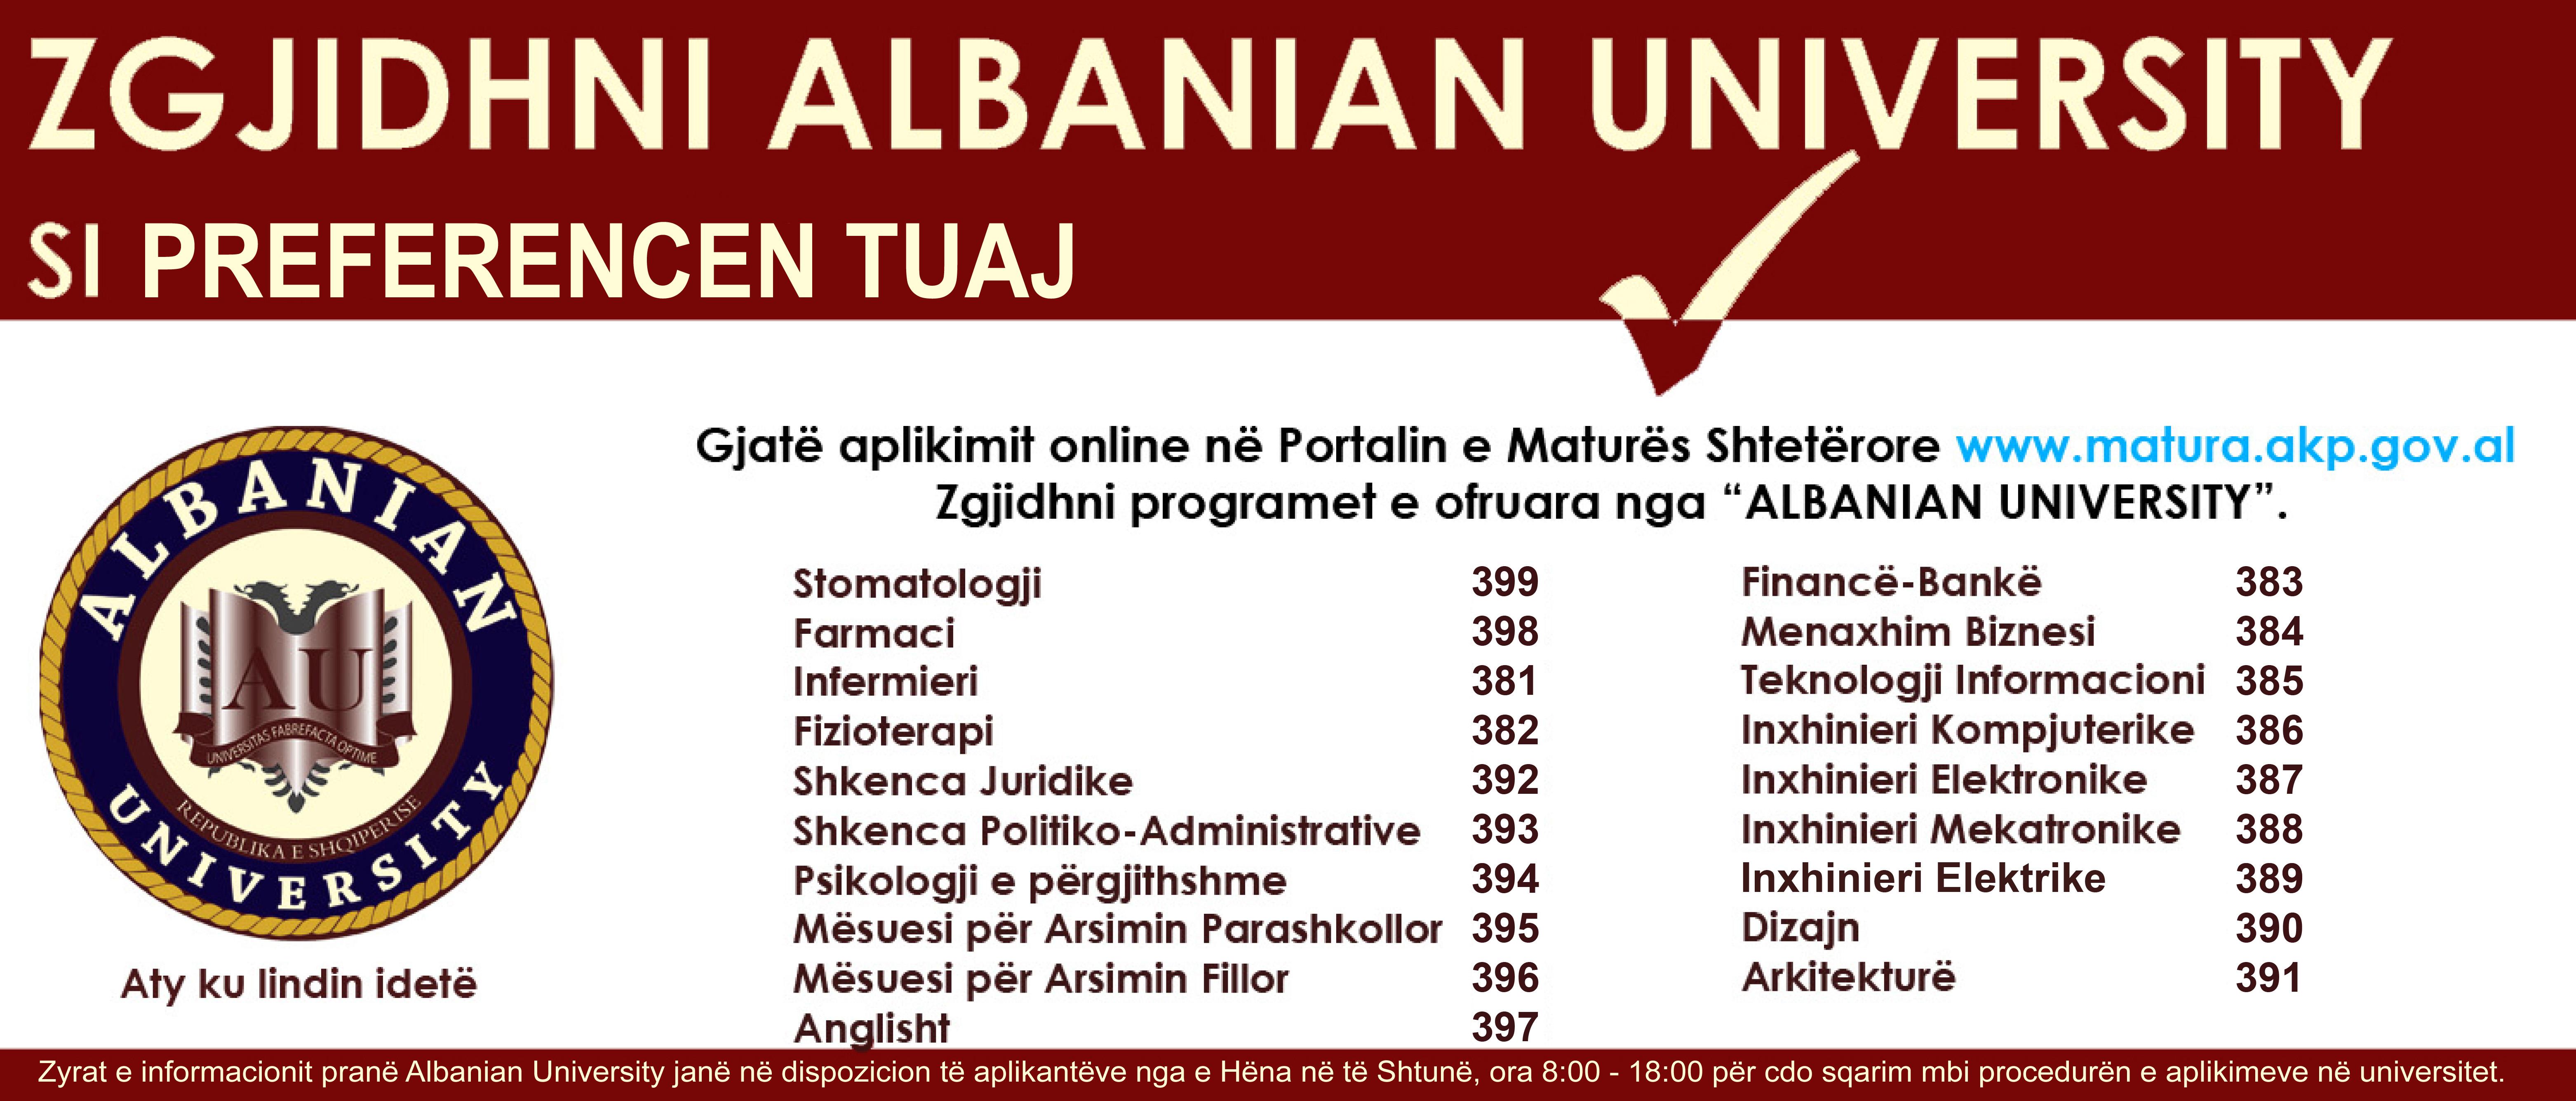 Zgjidh Albanian University per Vitin 2017-2018